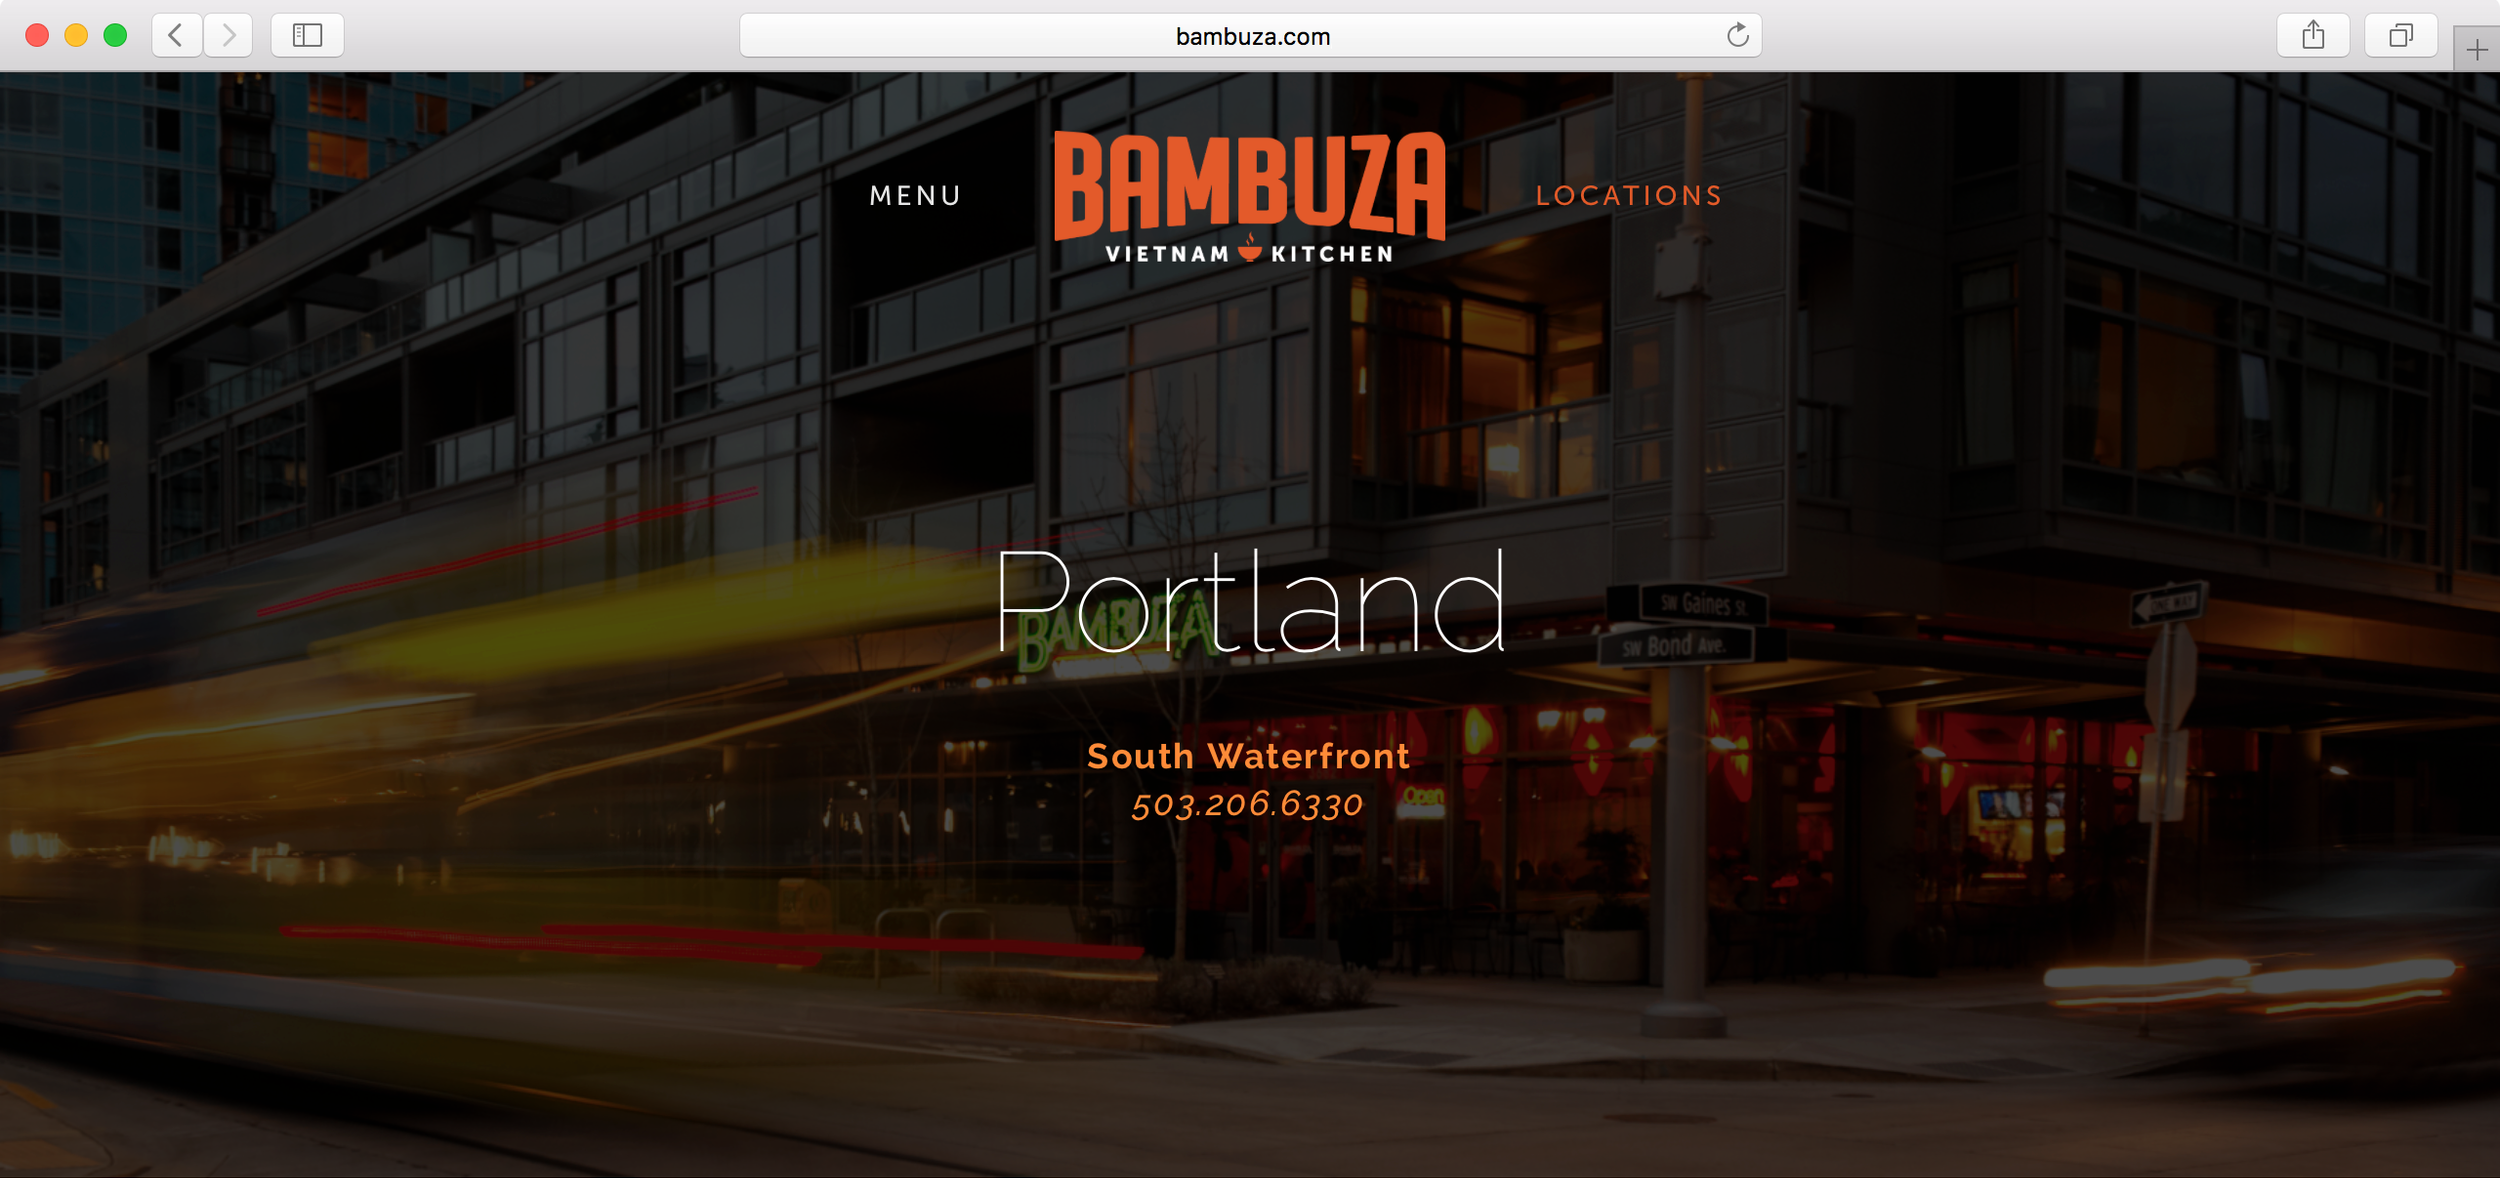 Portland_—_BAMBUZA_Vietnam_Kitchen.png